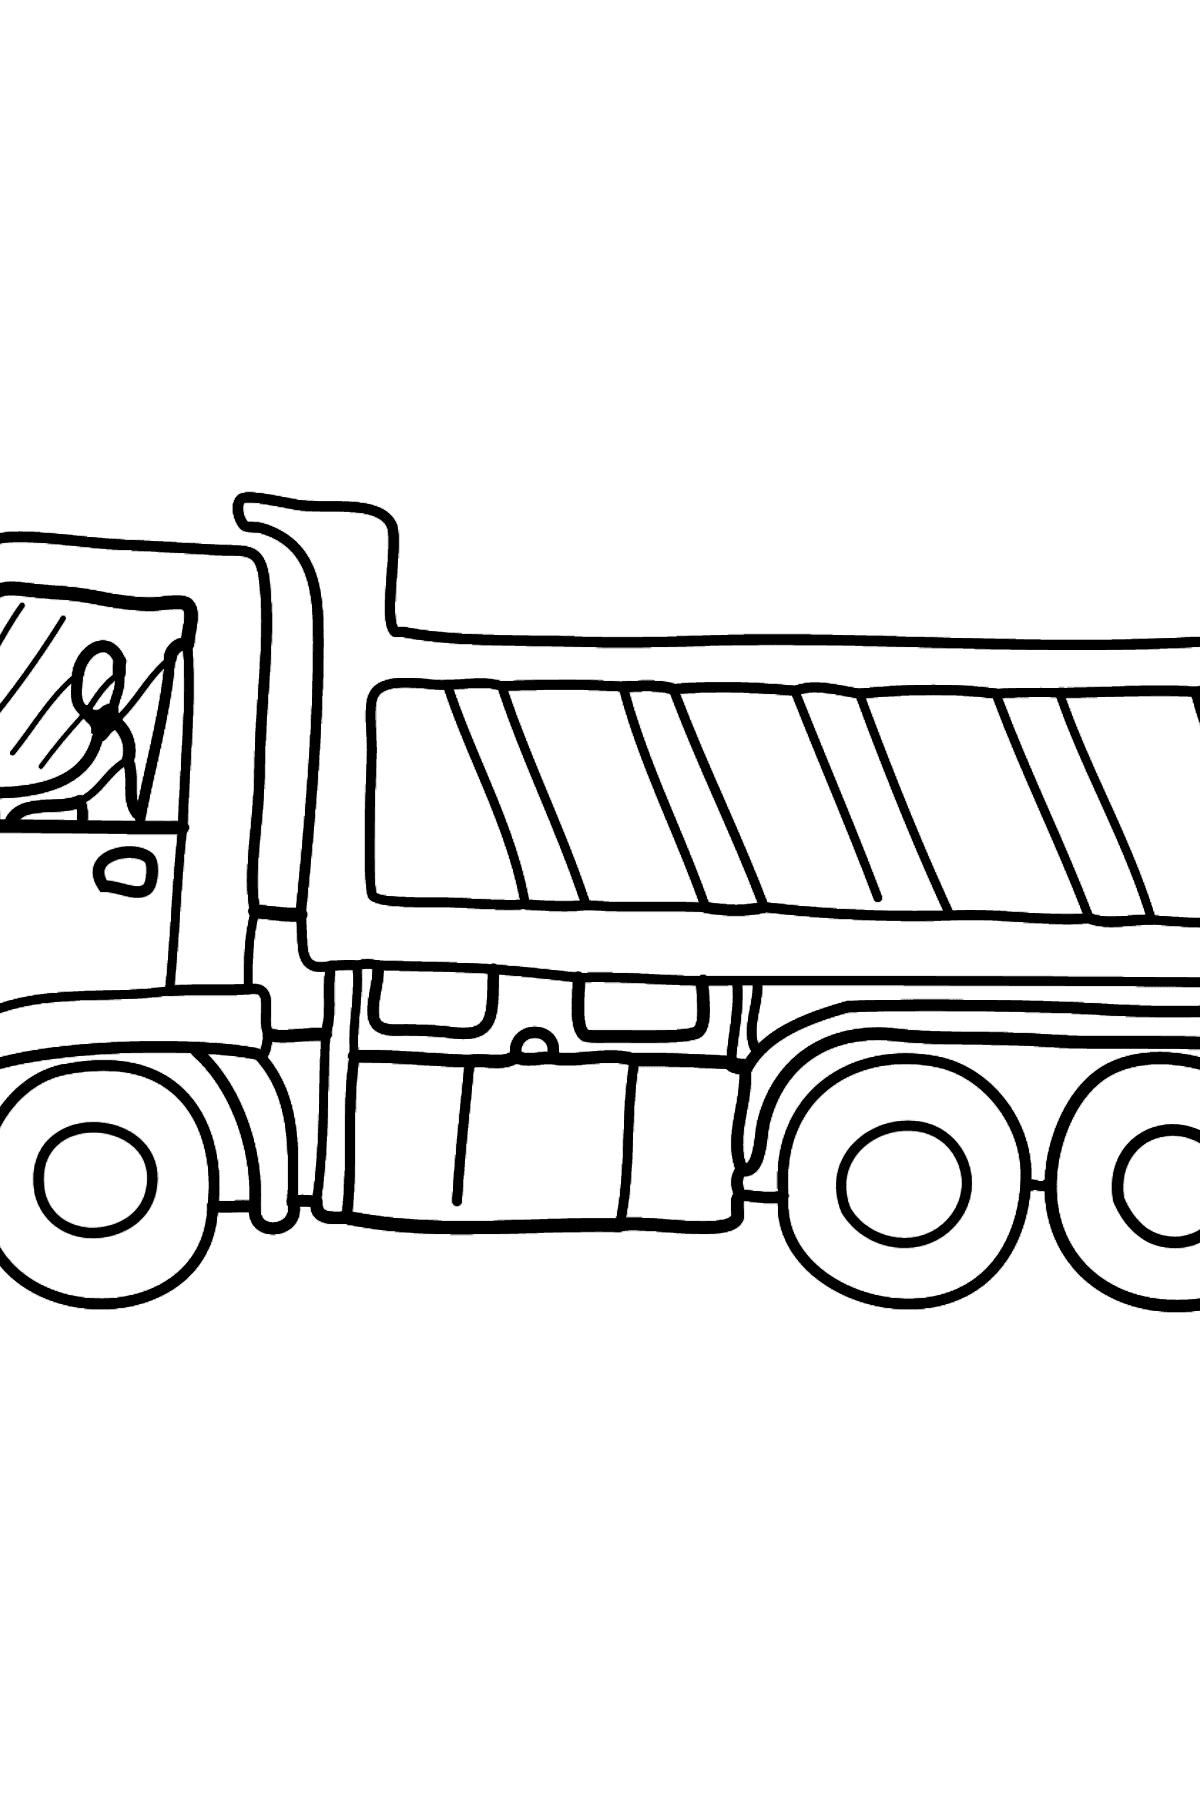 Раскраска самосвал - Картинки для Детей